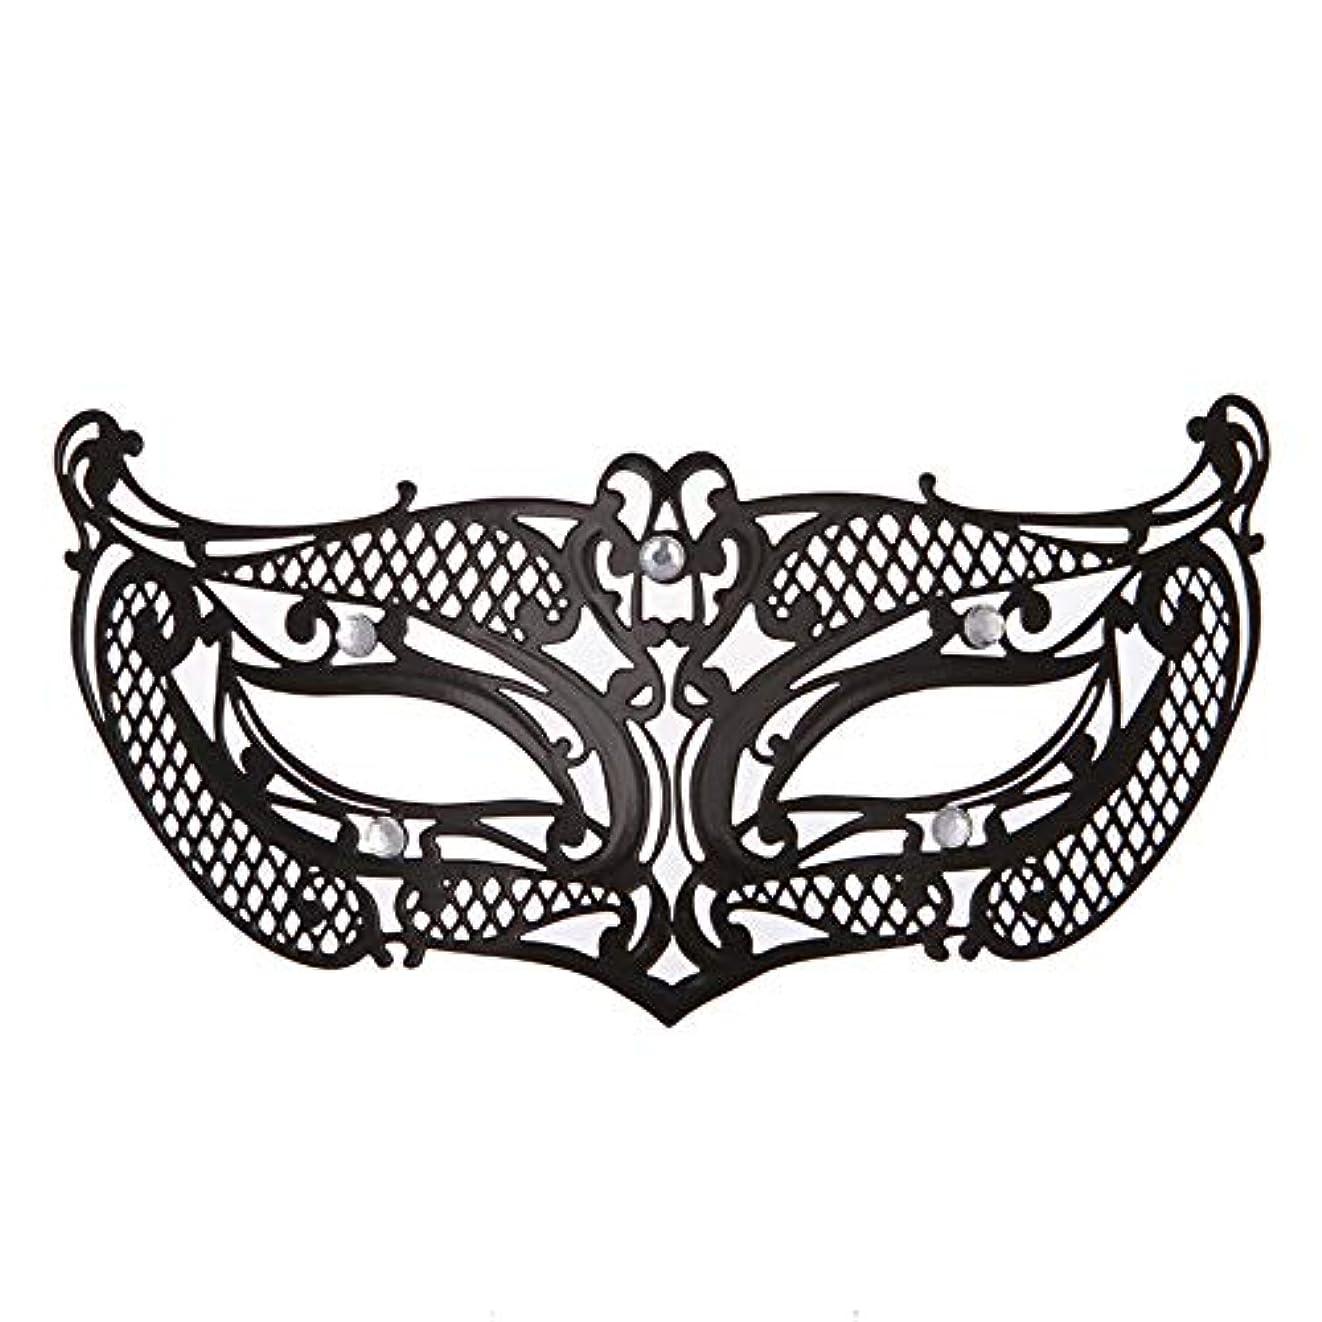 ダンスマスク アイアンメタリックレースとダイヤモンドハーフマスクハロウィンダンスマスクナイトクラブボールマスクコスプレパーティーハロウィンマスク ホリデーパーティー用品 (色 : ブラック, サイズ : 19x8cm)